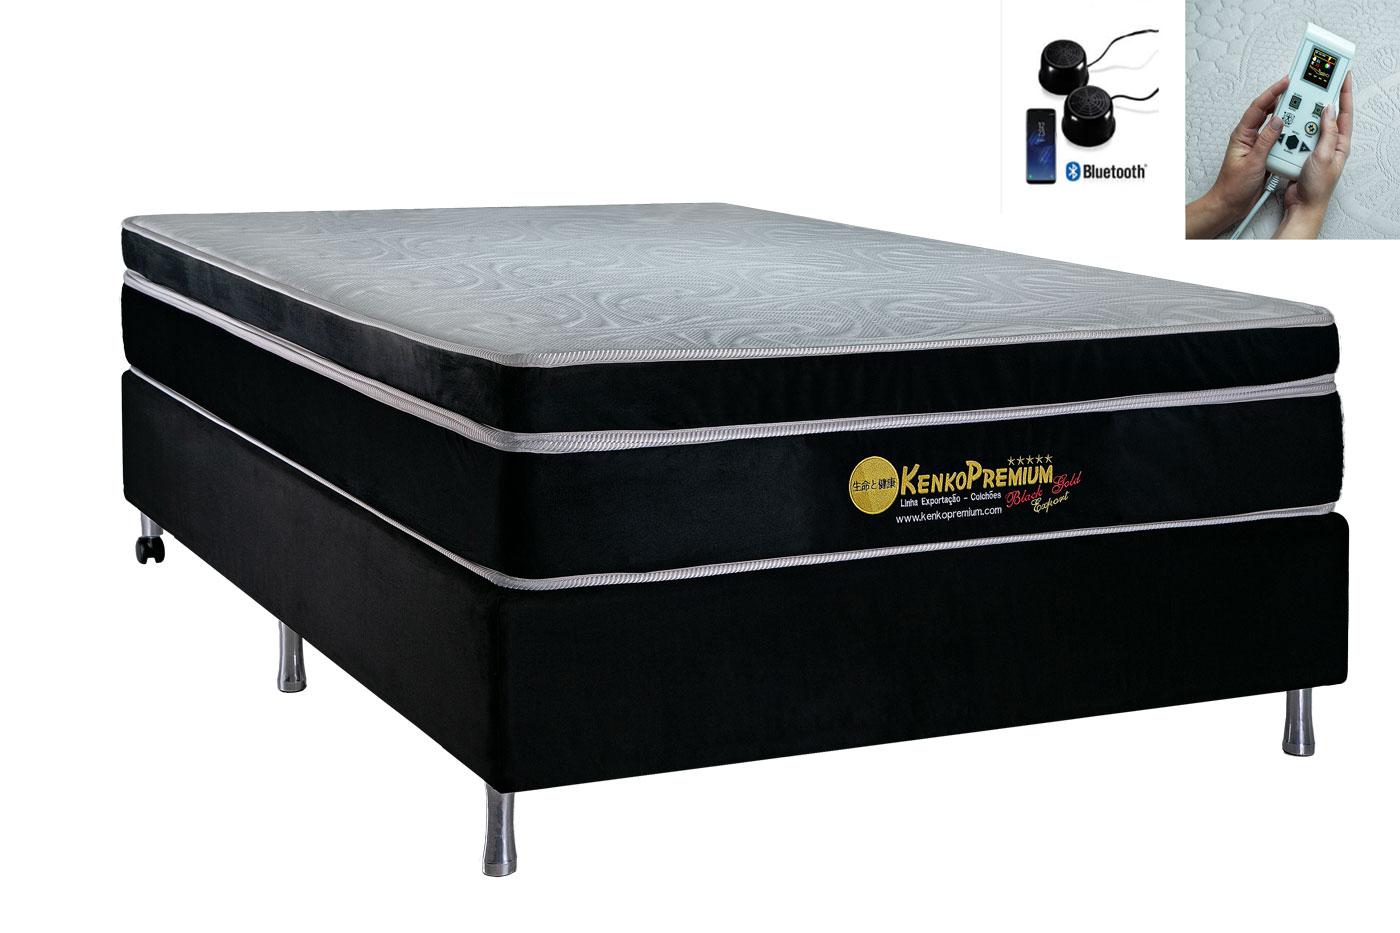 Colchão Magnético Casal 1,38x1,88x30 cm Kenko Premium Gold C/ Massageador Bioquãntico + Cromoterapia Linha Exportação  - Kenko Premium Colchões